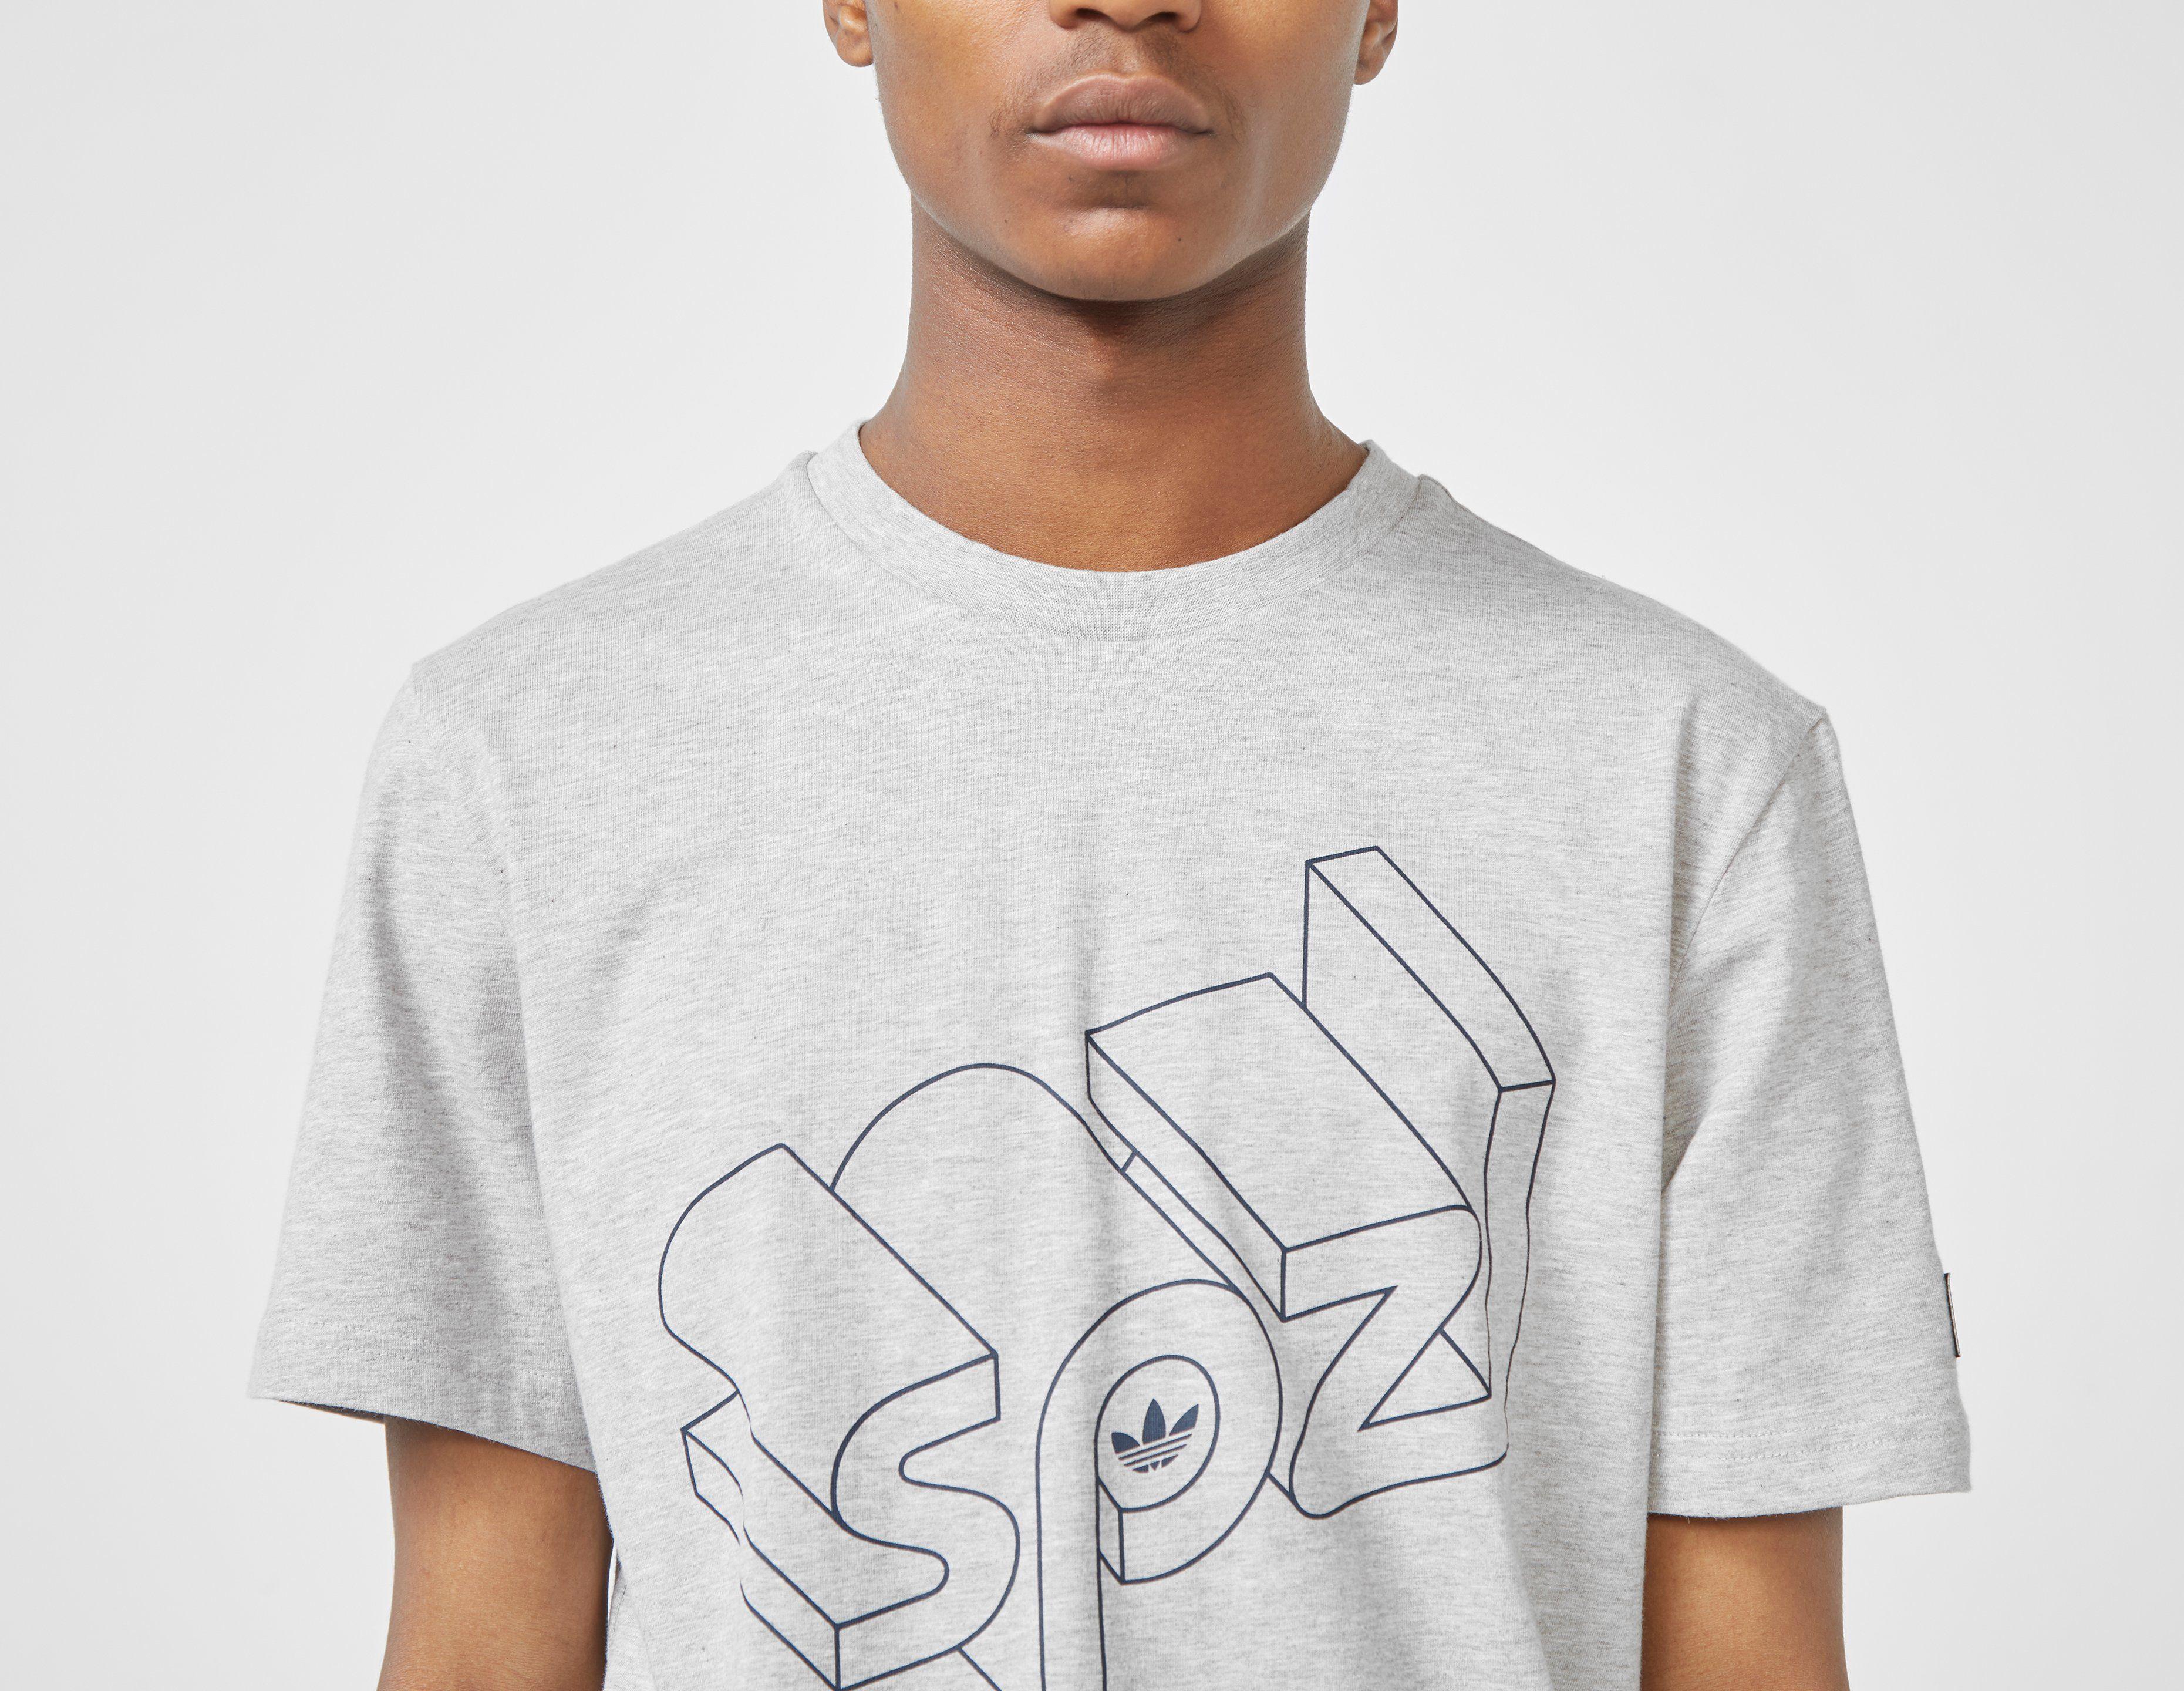 adidas SPEZIAL Wireframe T-Shirt